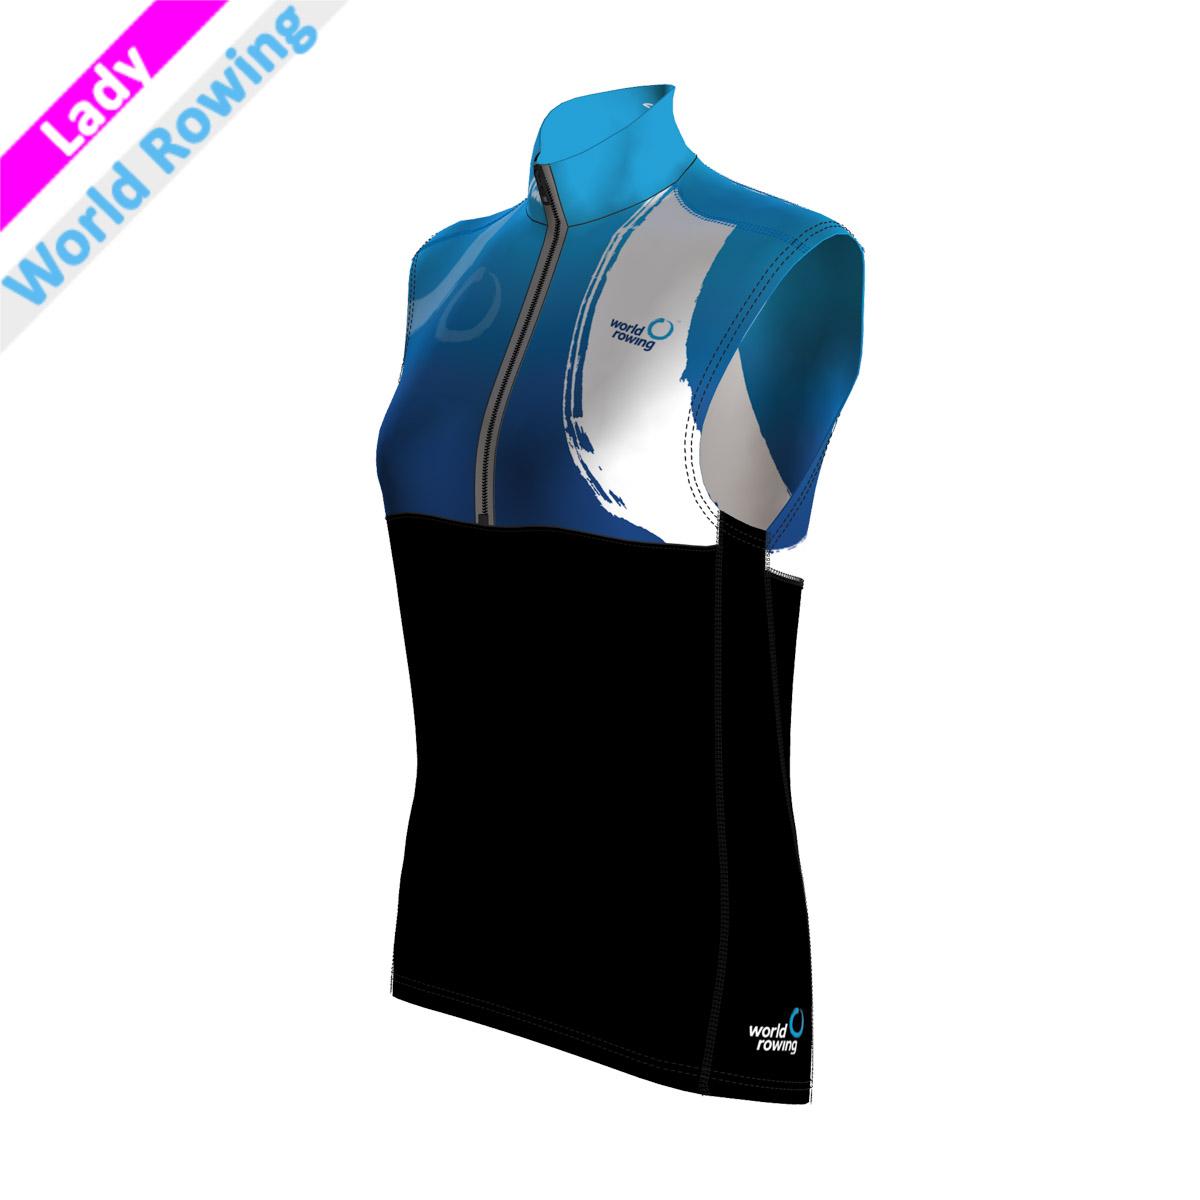 Pro Vest Lady - World Rowing (Kragen, Brust, Rücken - sublimiert/Bauch,Rücken,Seitenstreifen - schwarz mit wr Druck)